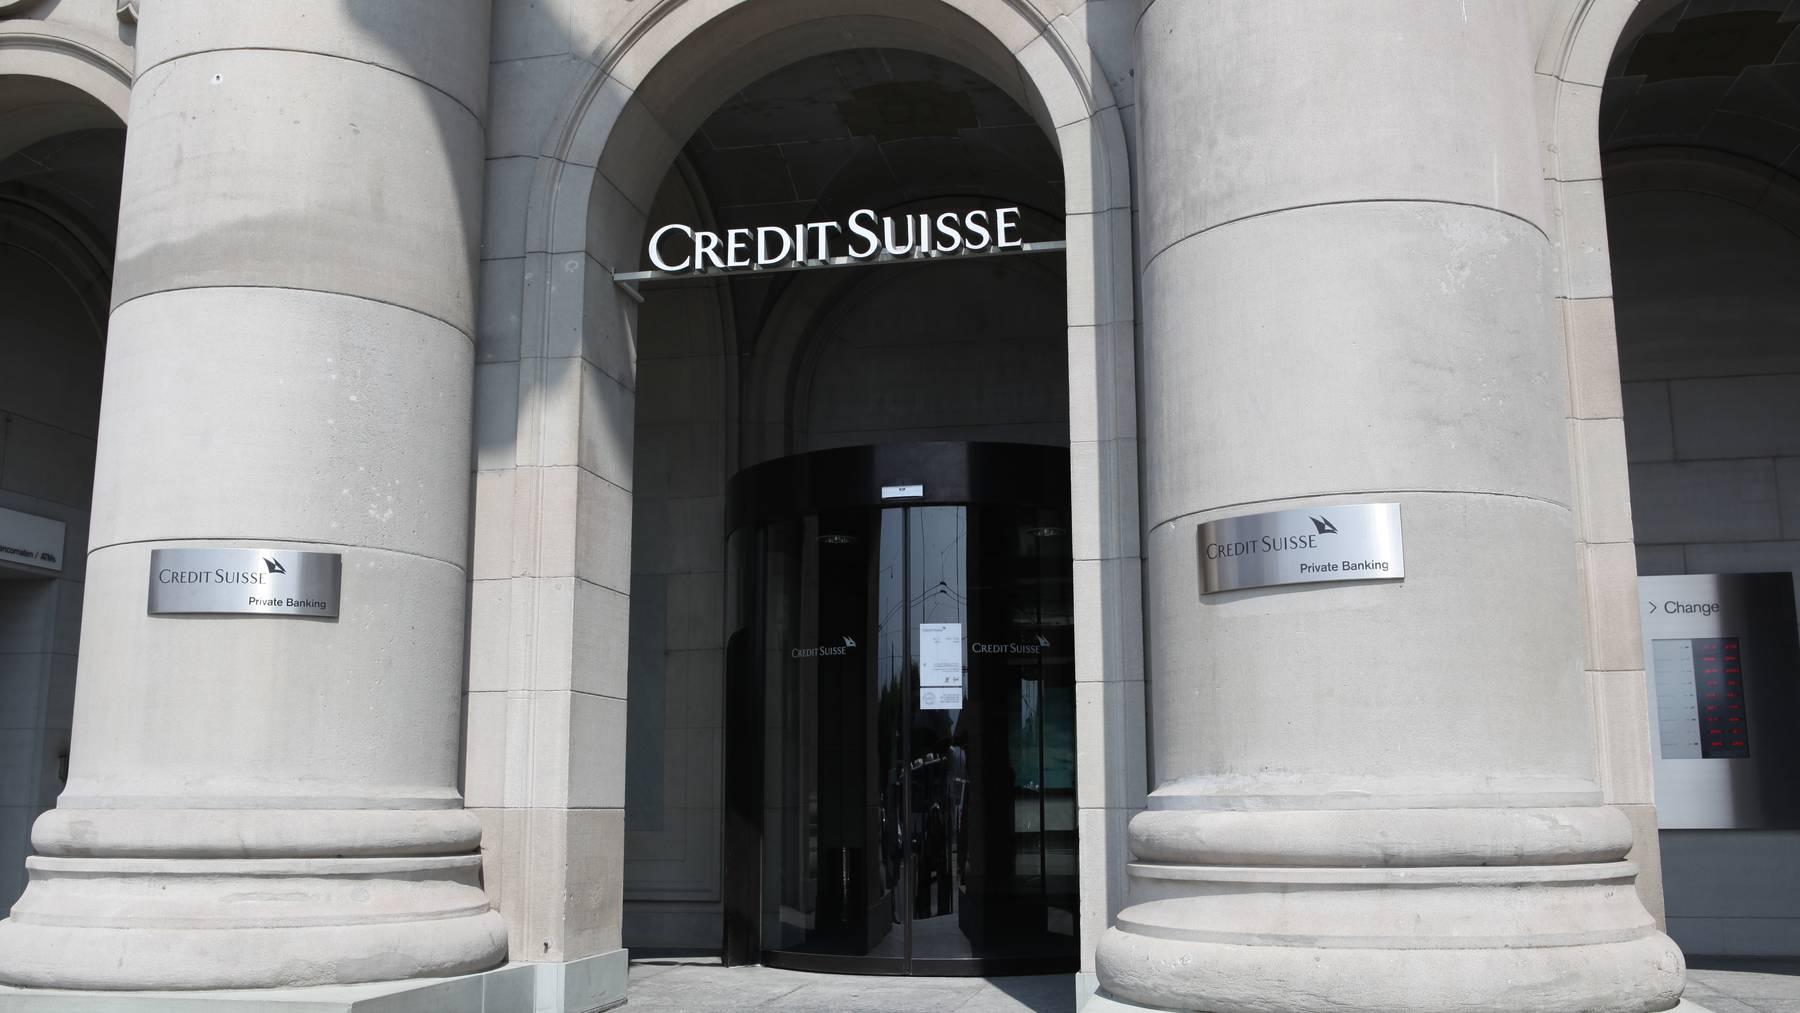 Credit Suisse macht 700 Mio. Franken Verlust